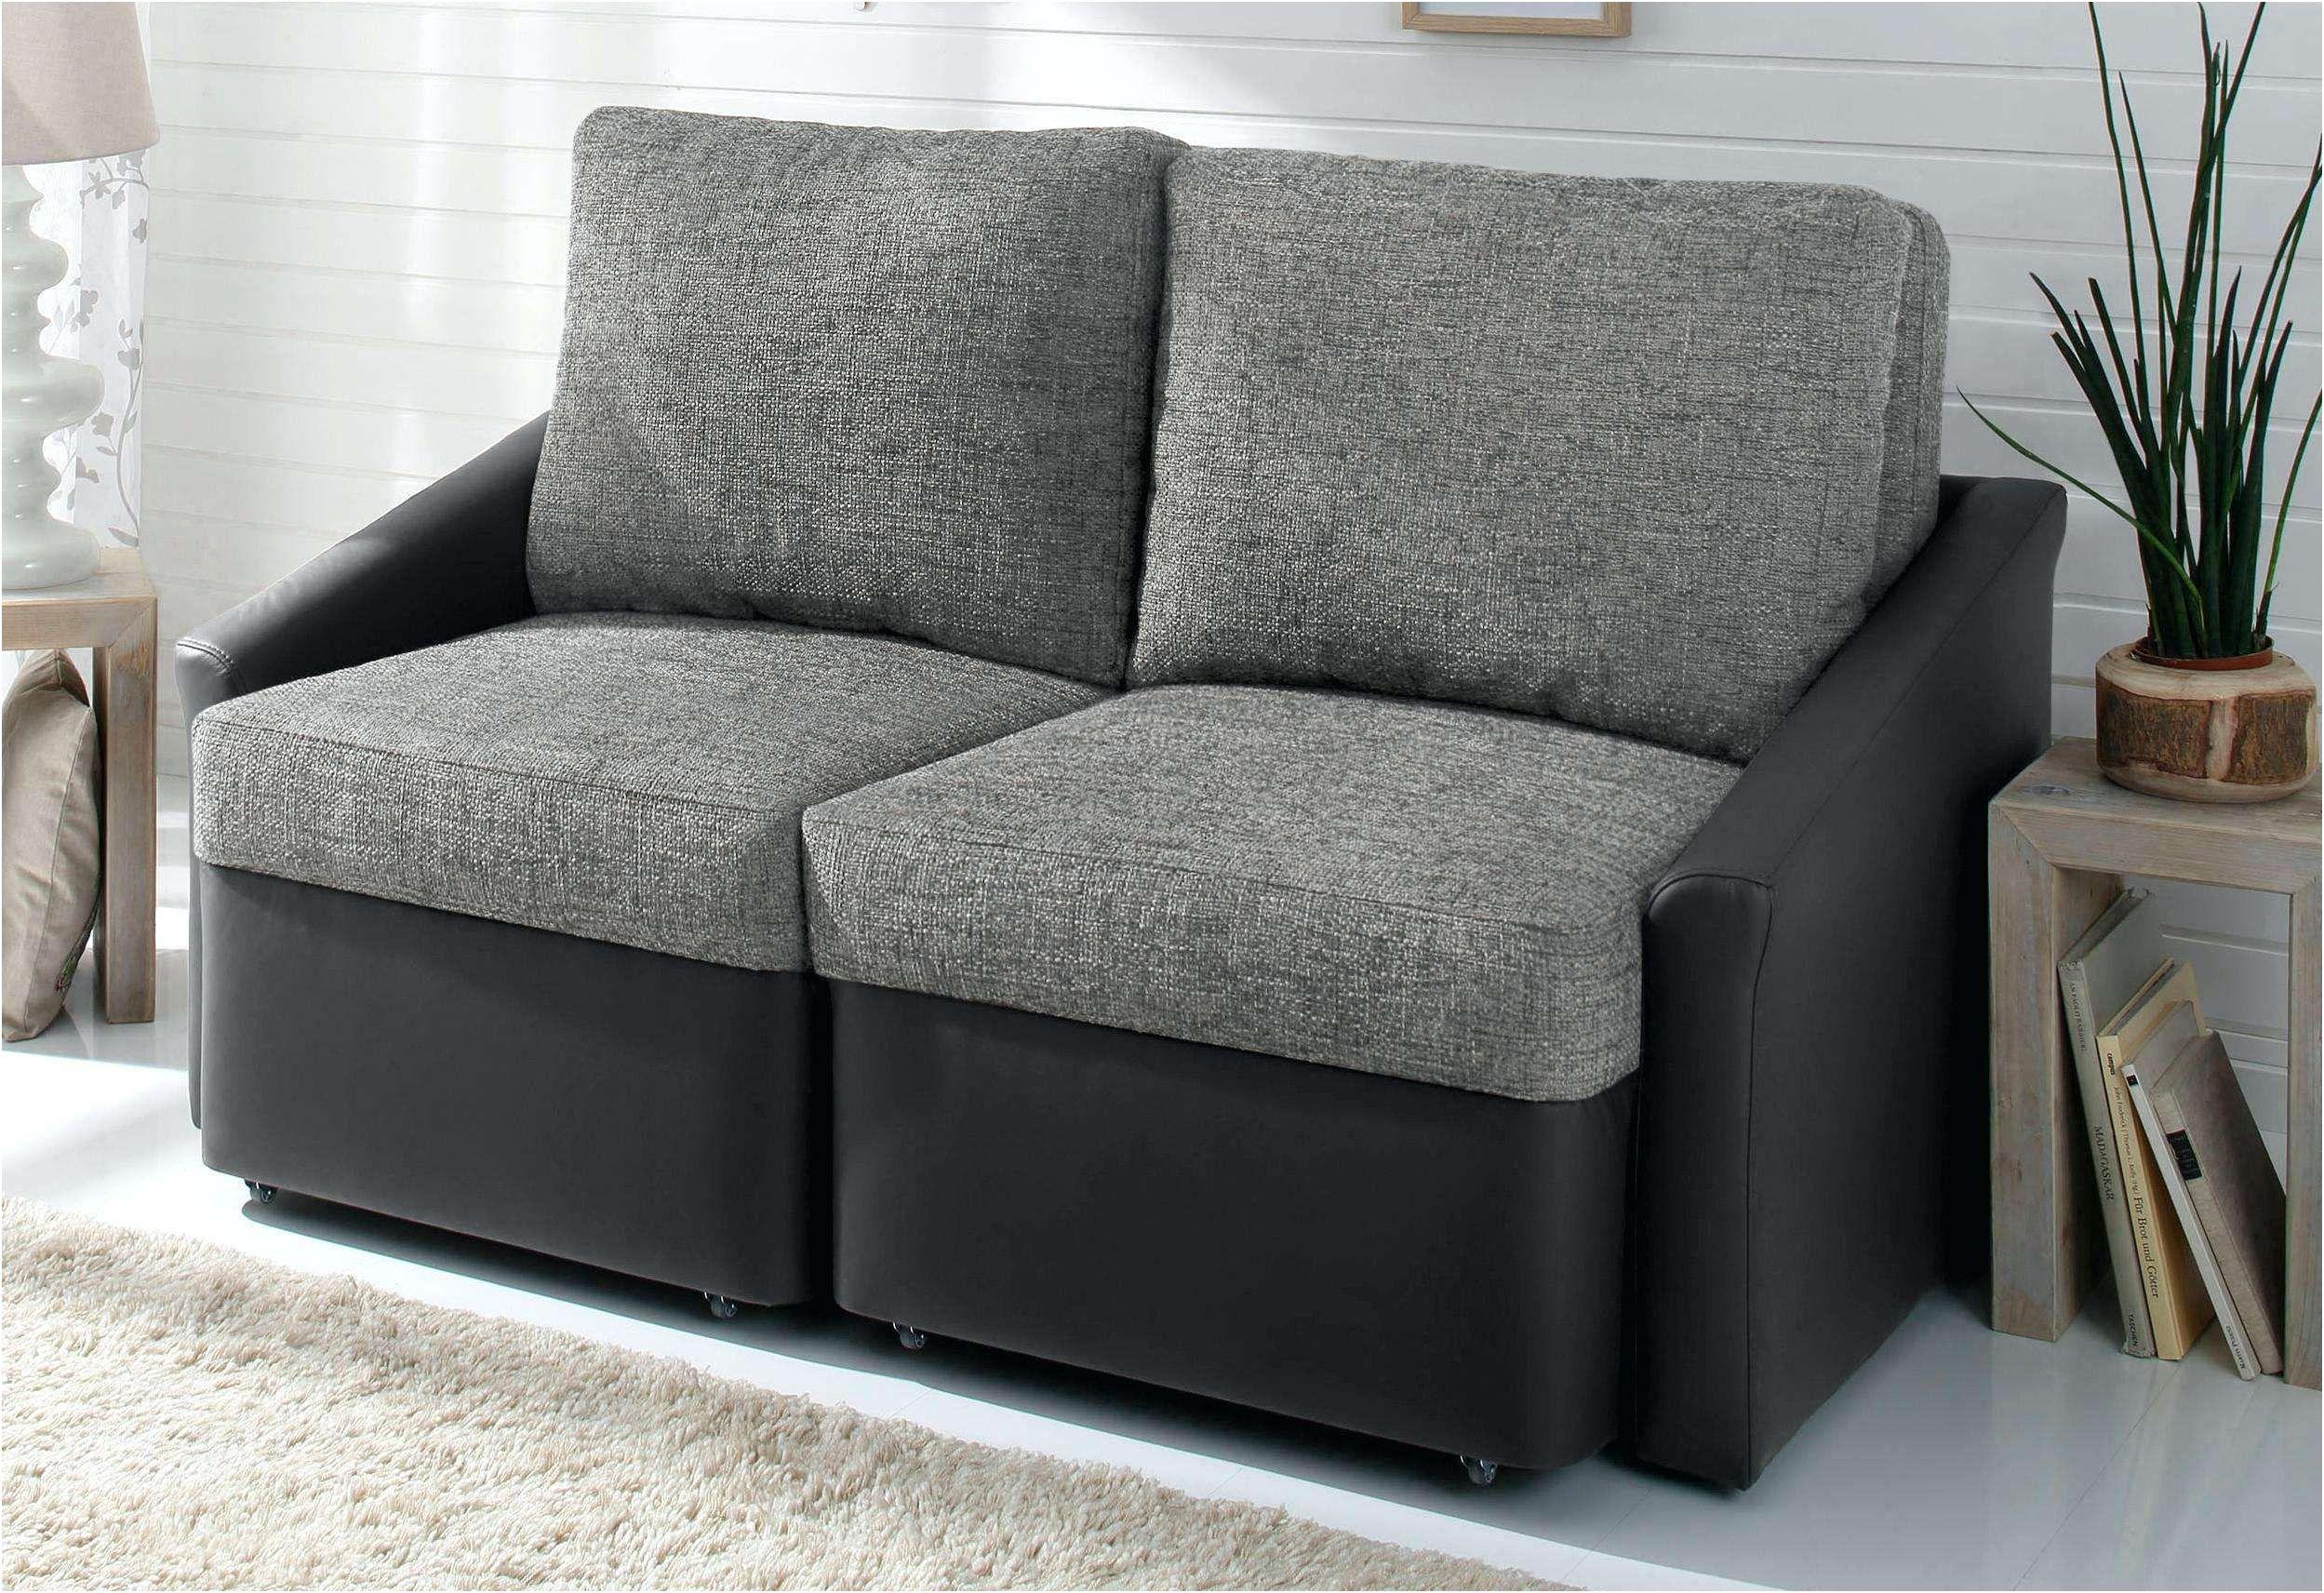 Prachtig Sofa 2 Sitzer Mit Schlaffunktion In 2020 Ottoman Bed